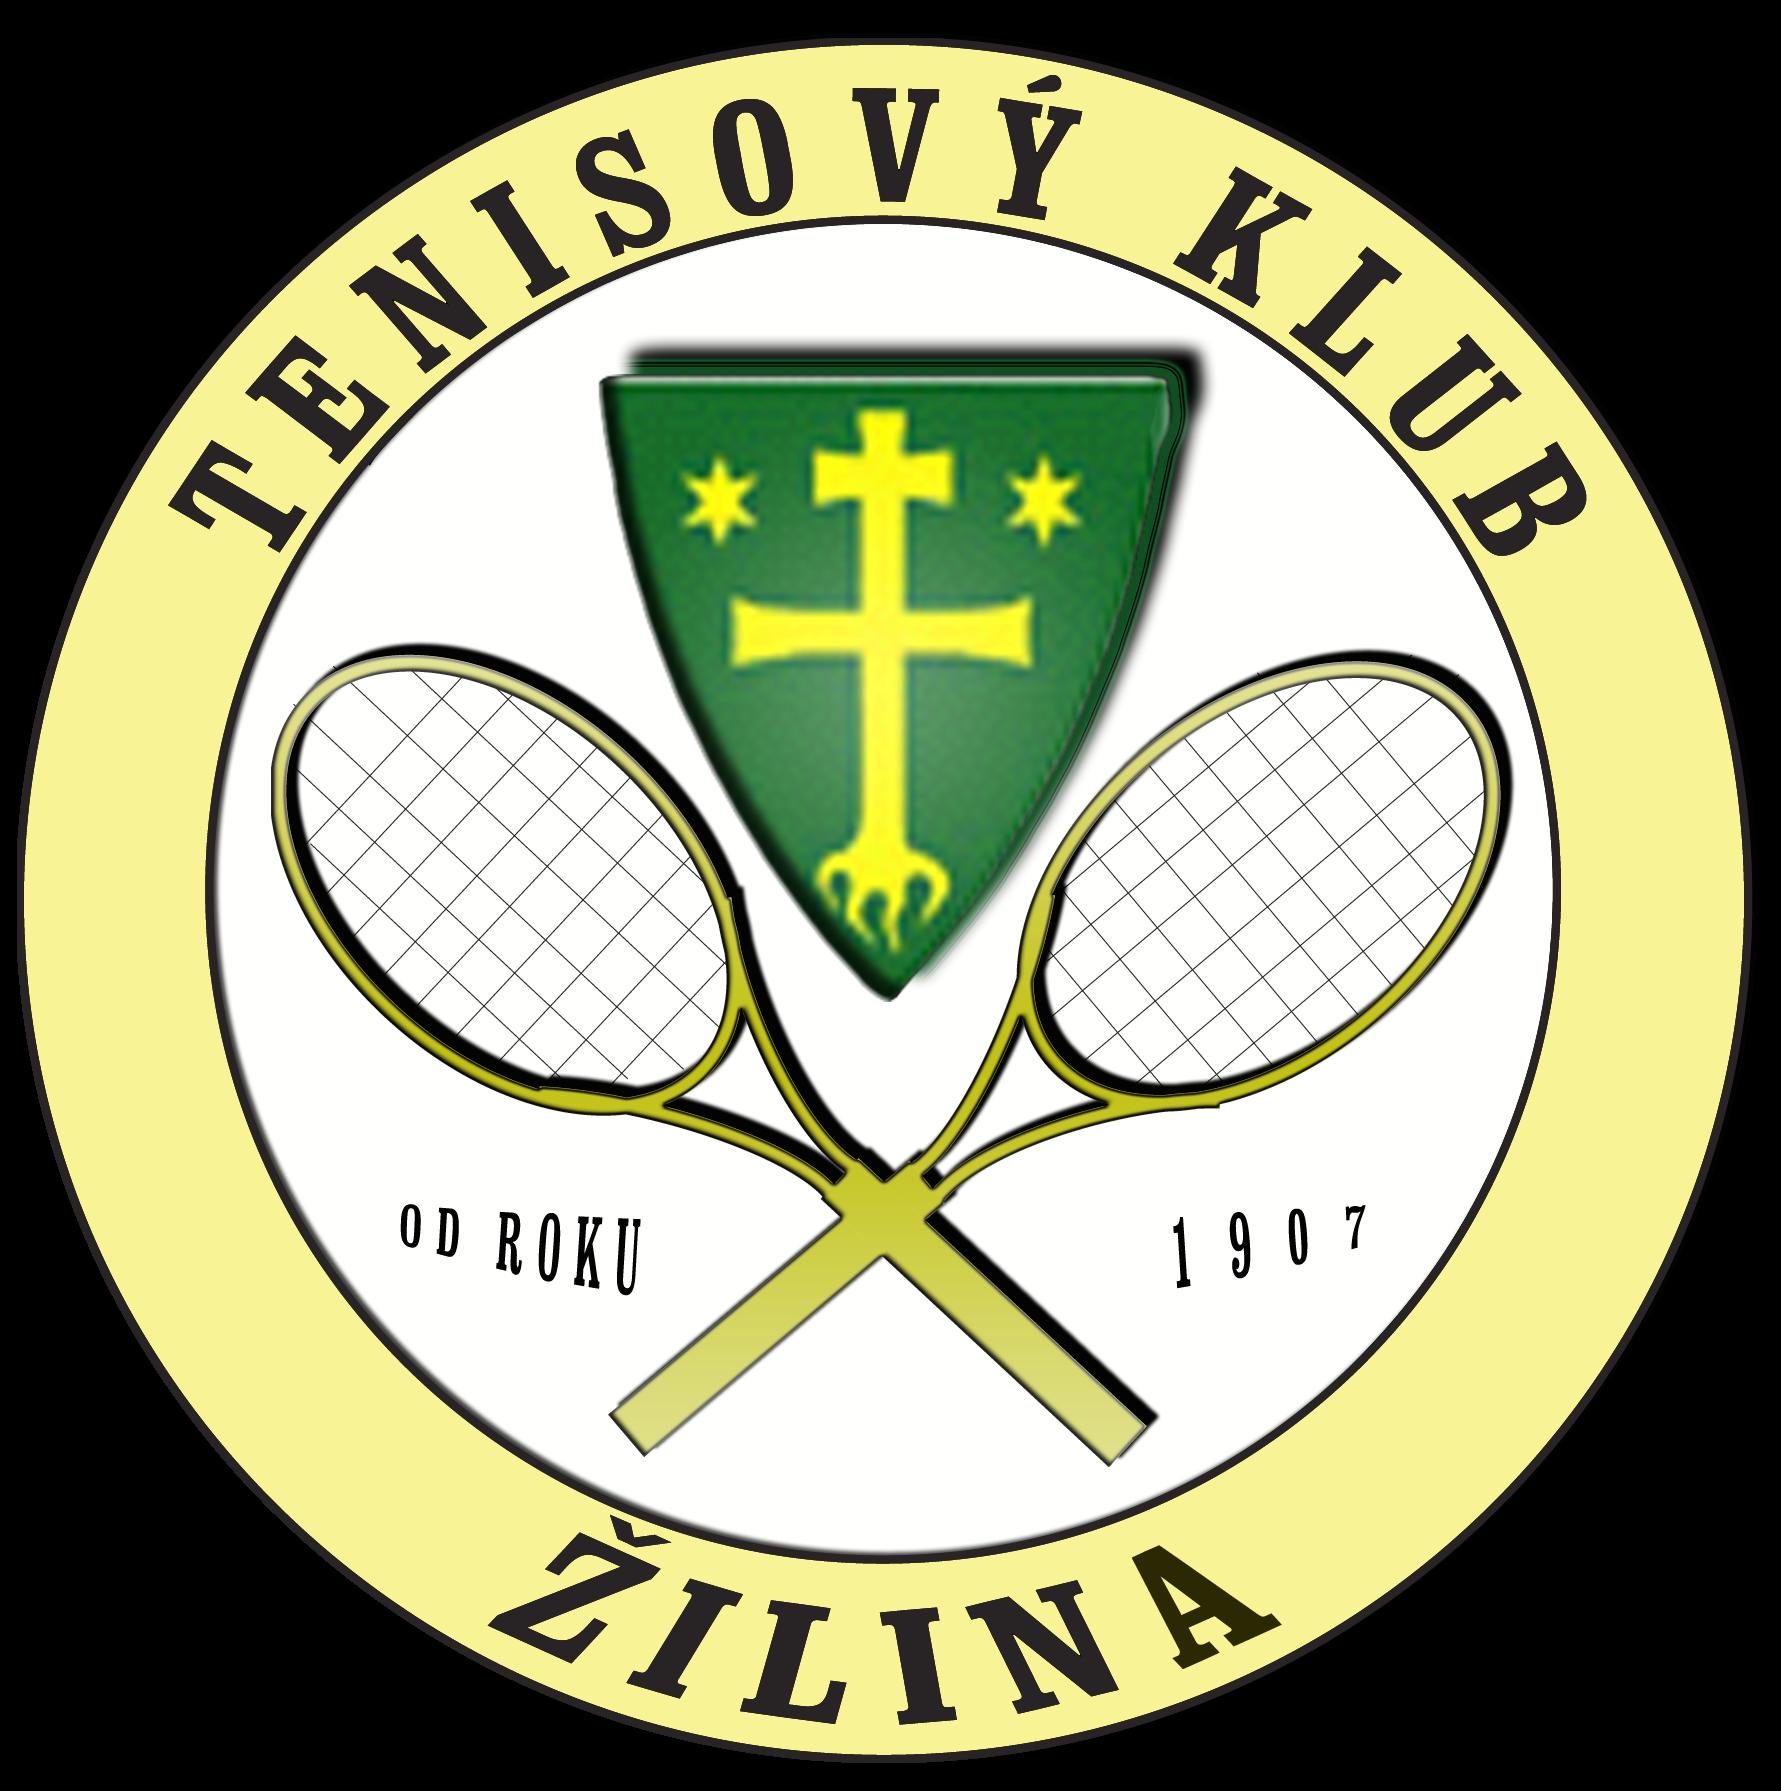 Tenisový klub Žilina